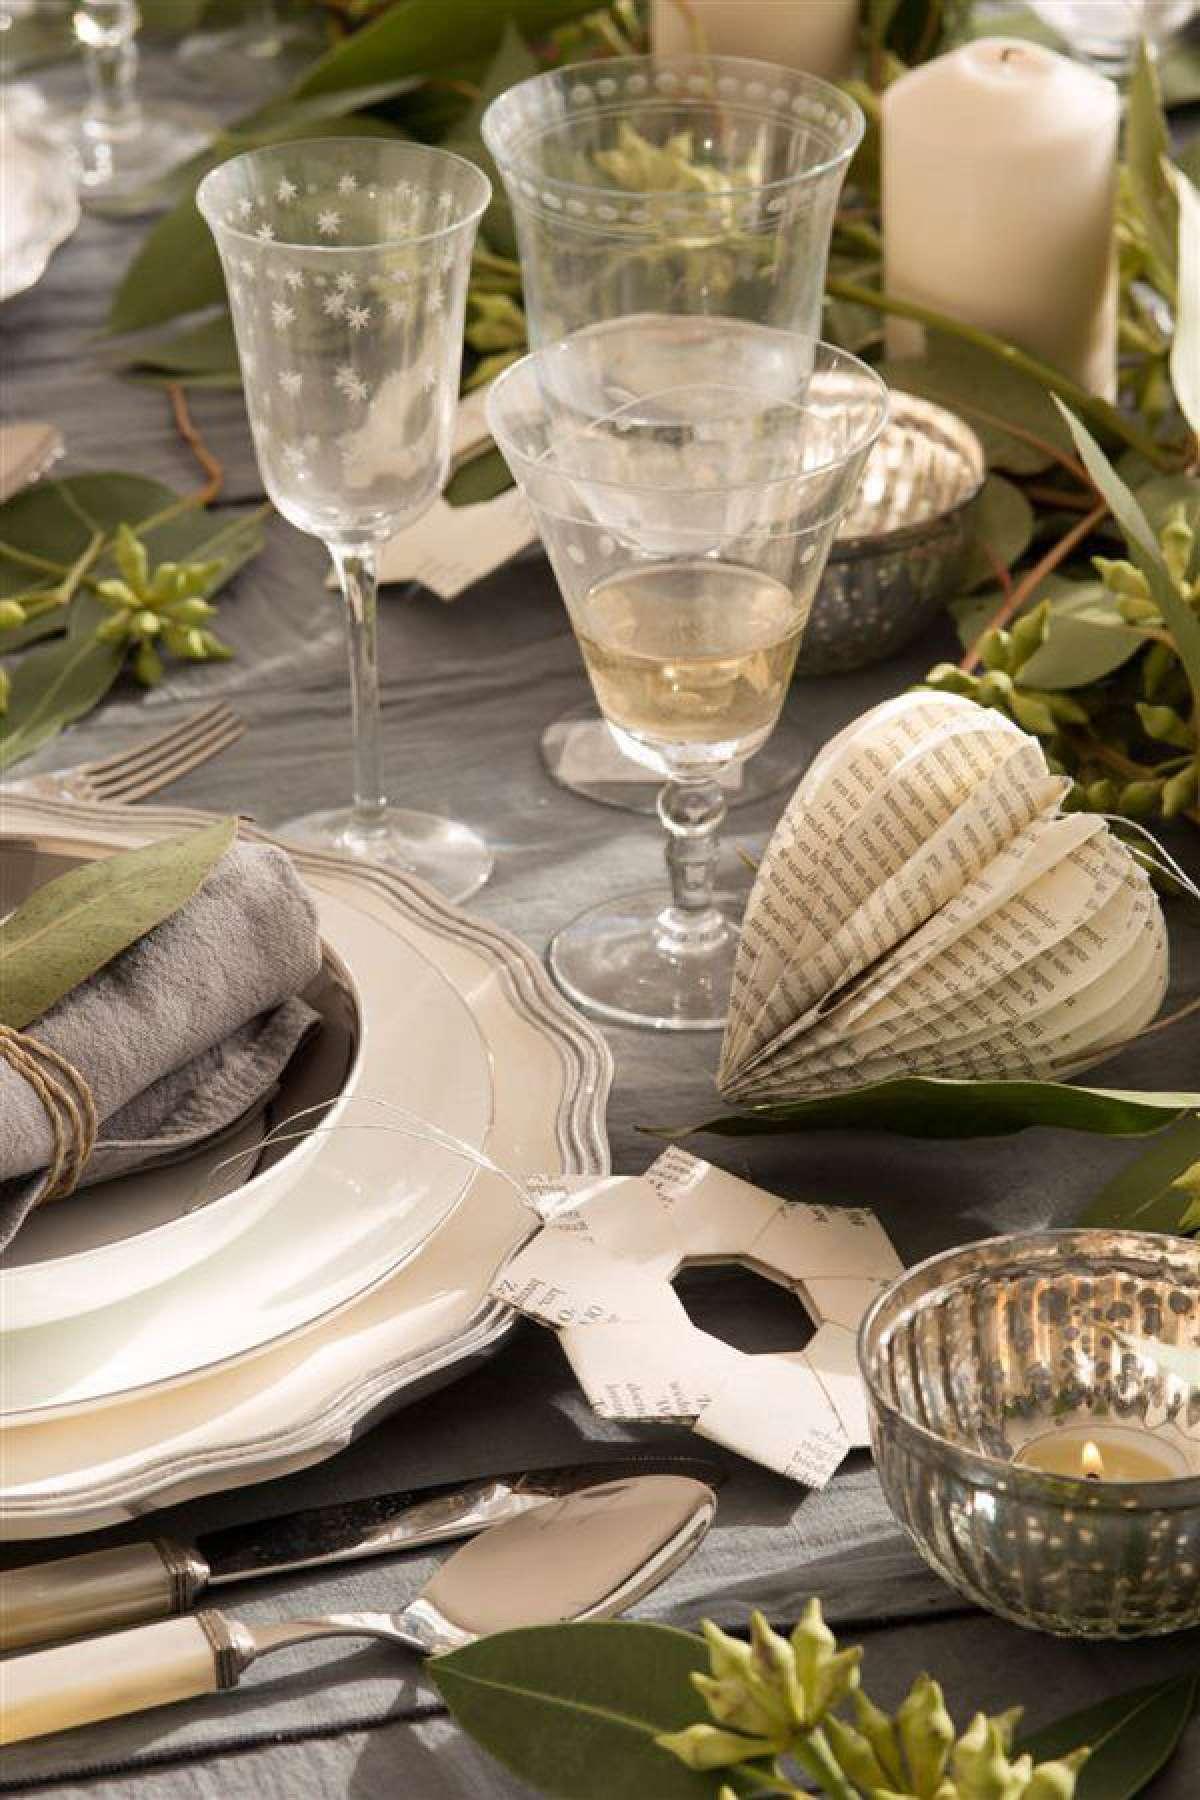 Creativas ideas para la decoración de la mesa navideña 12